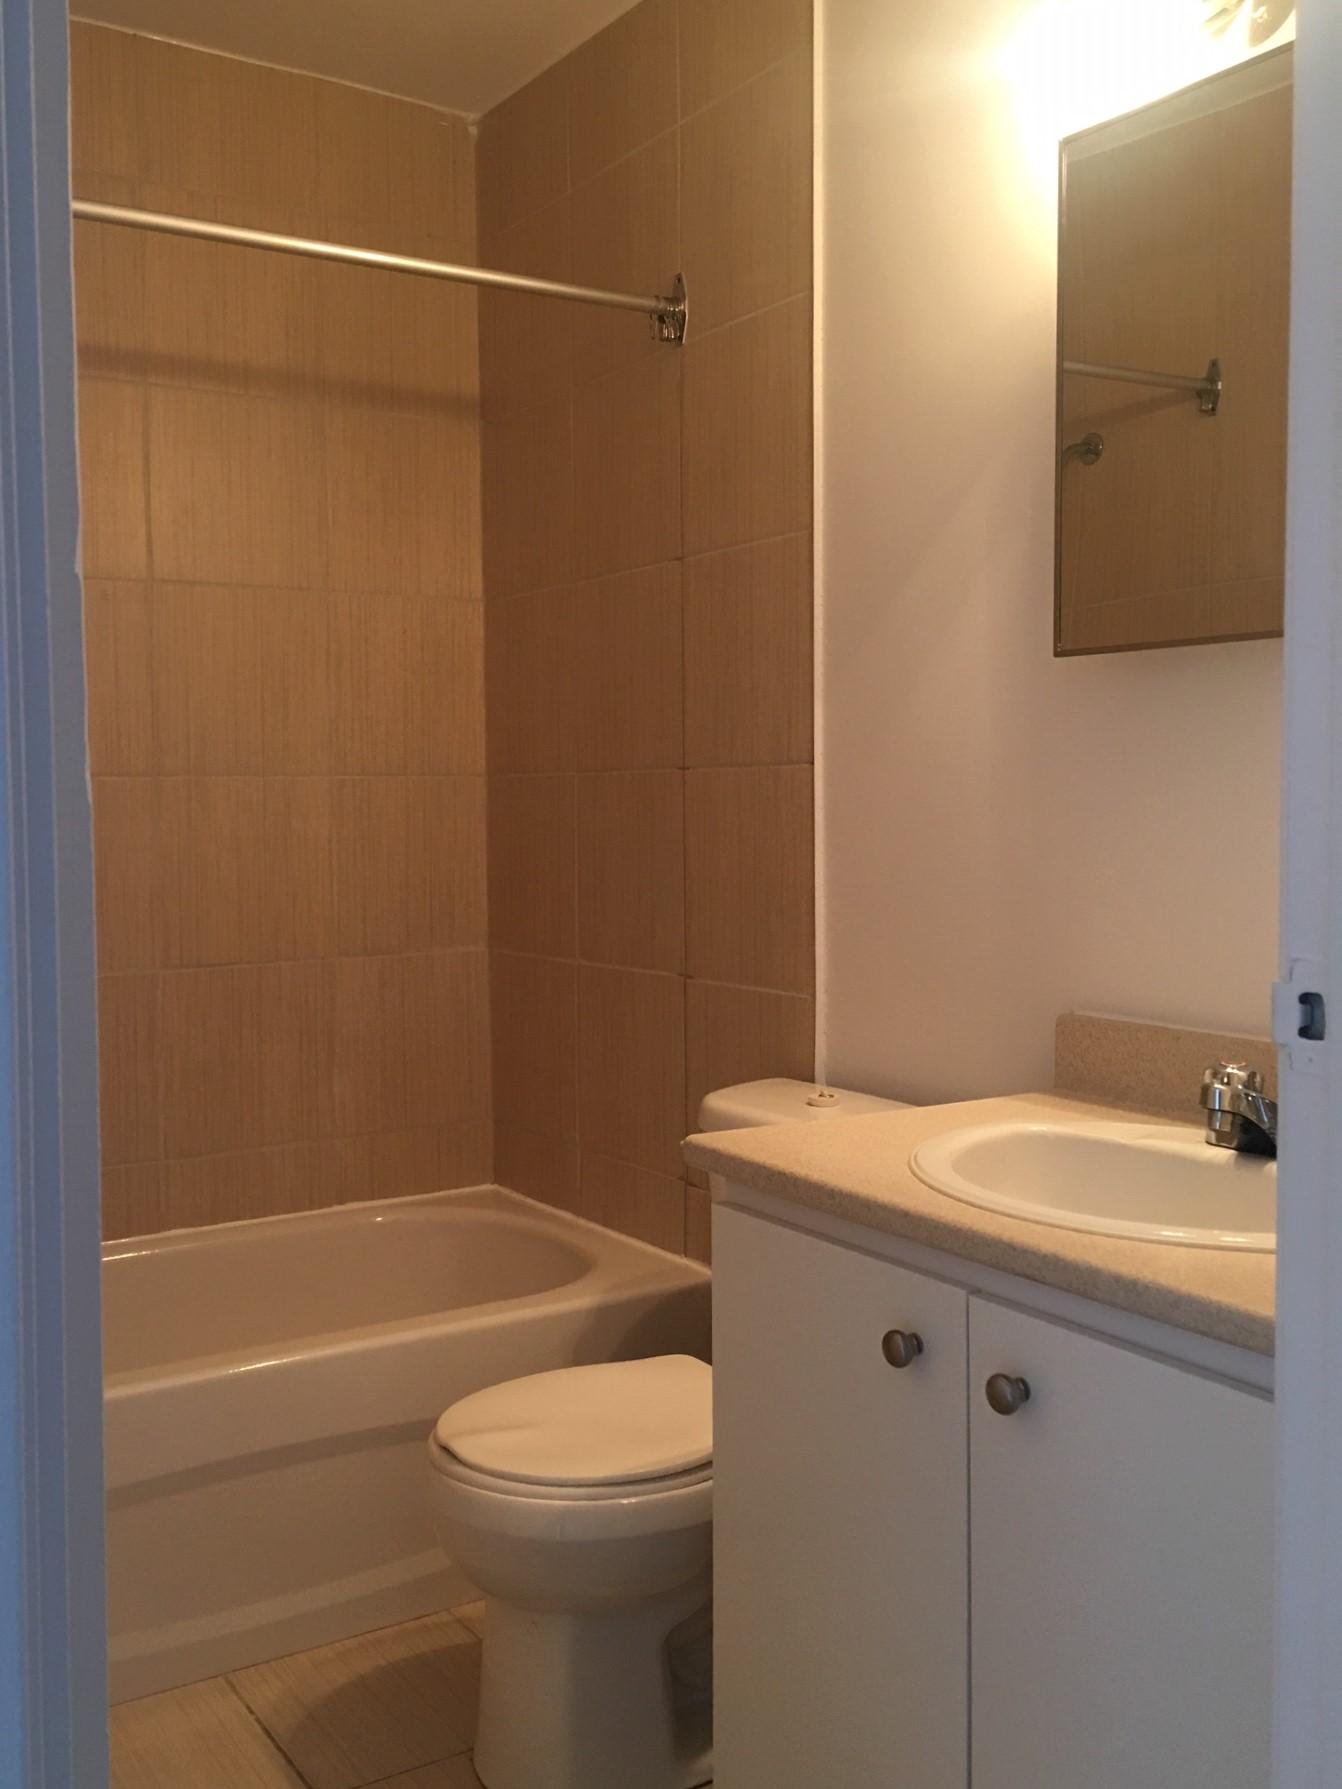 Appartement Studio / Bachelor a louer à Pointe-aux-Trembles a Habitations de la Rousseliere - Photo 05 - TrouveUnAppart – L1920